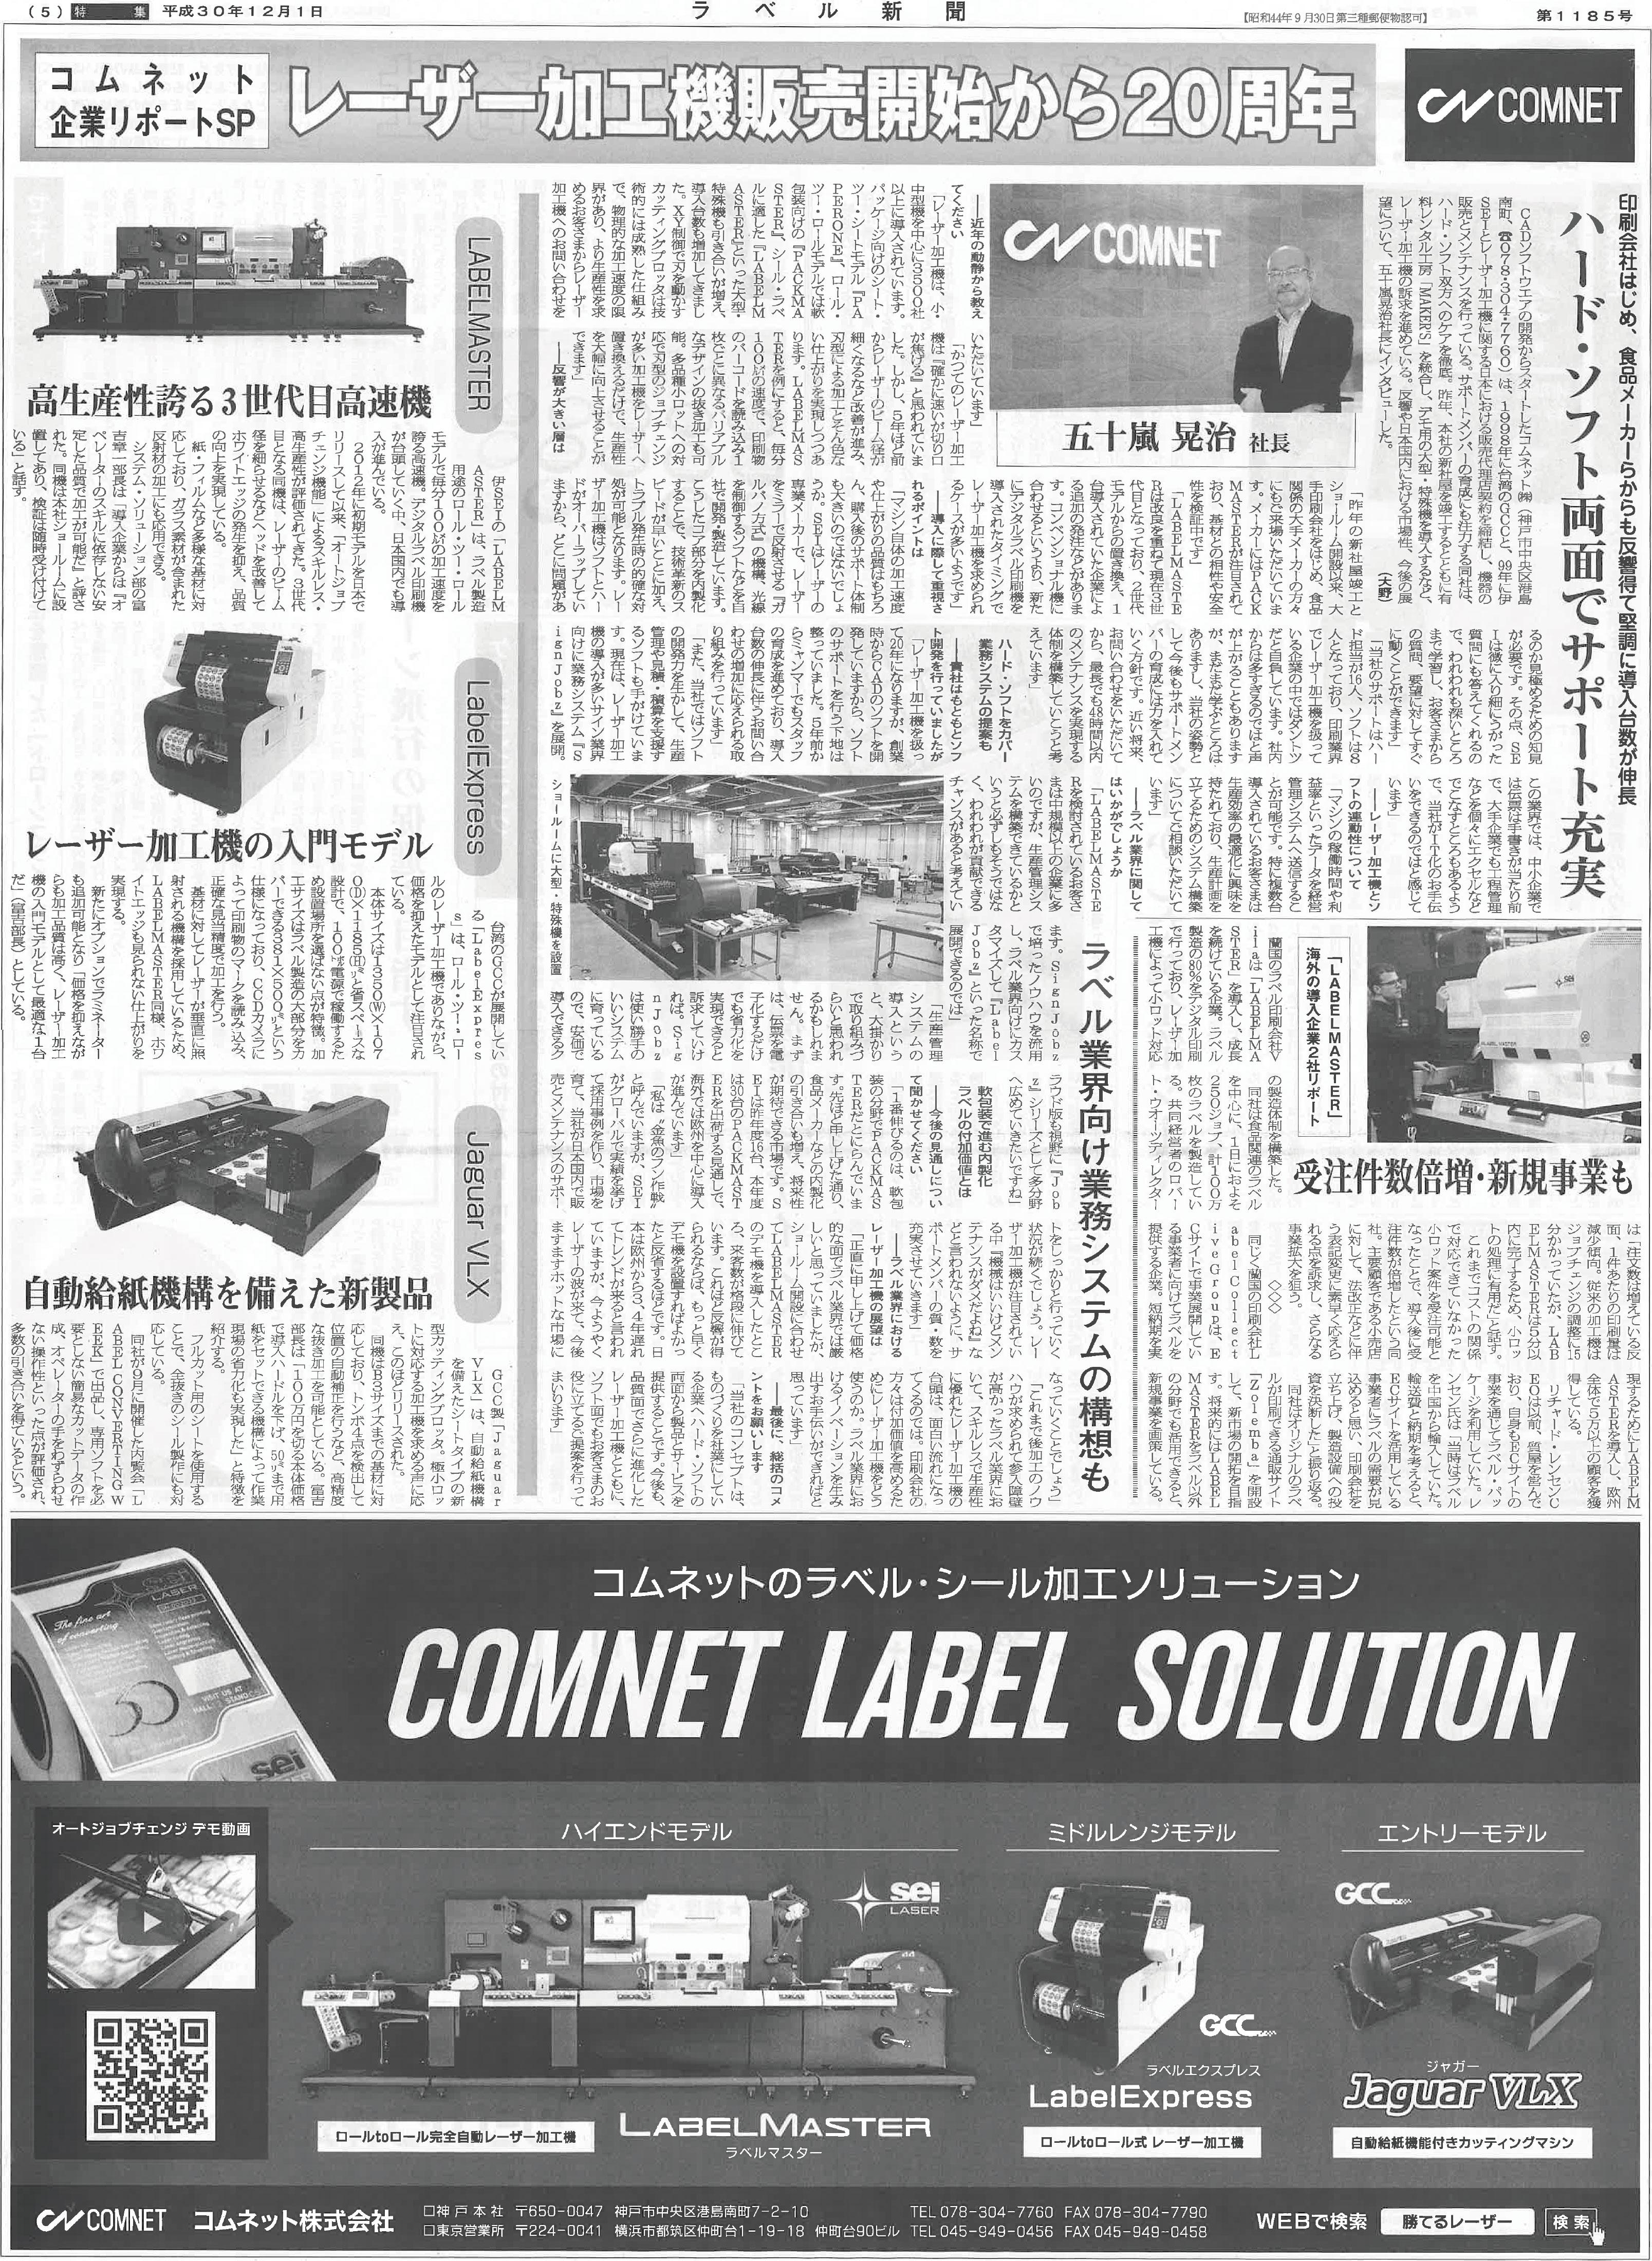 ラベル新聞社様が出版するラベル新聞12月1日号でコムネット株式会社代表 五十嵐のラベル業界とレーザー加工機に関してのインタビュー記事が掲載されました。